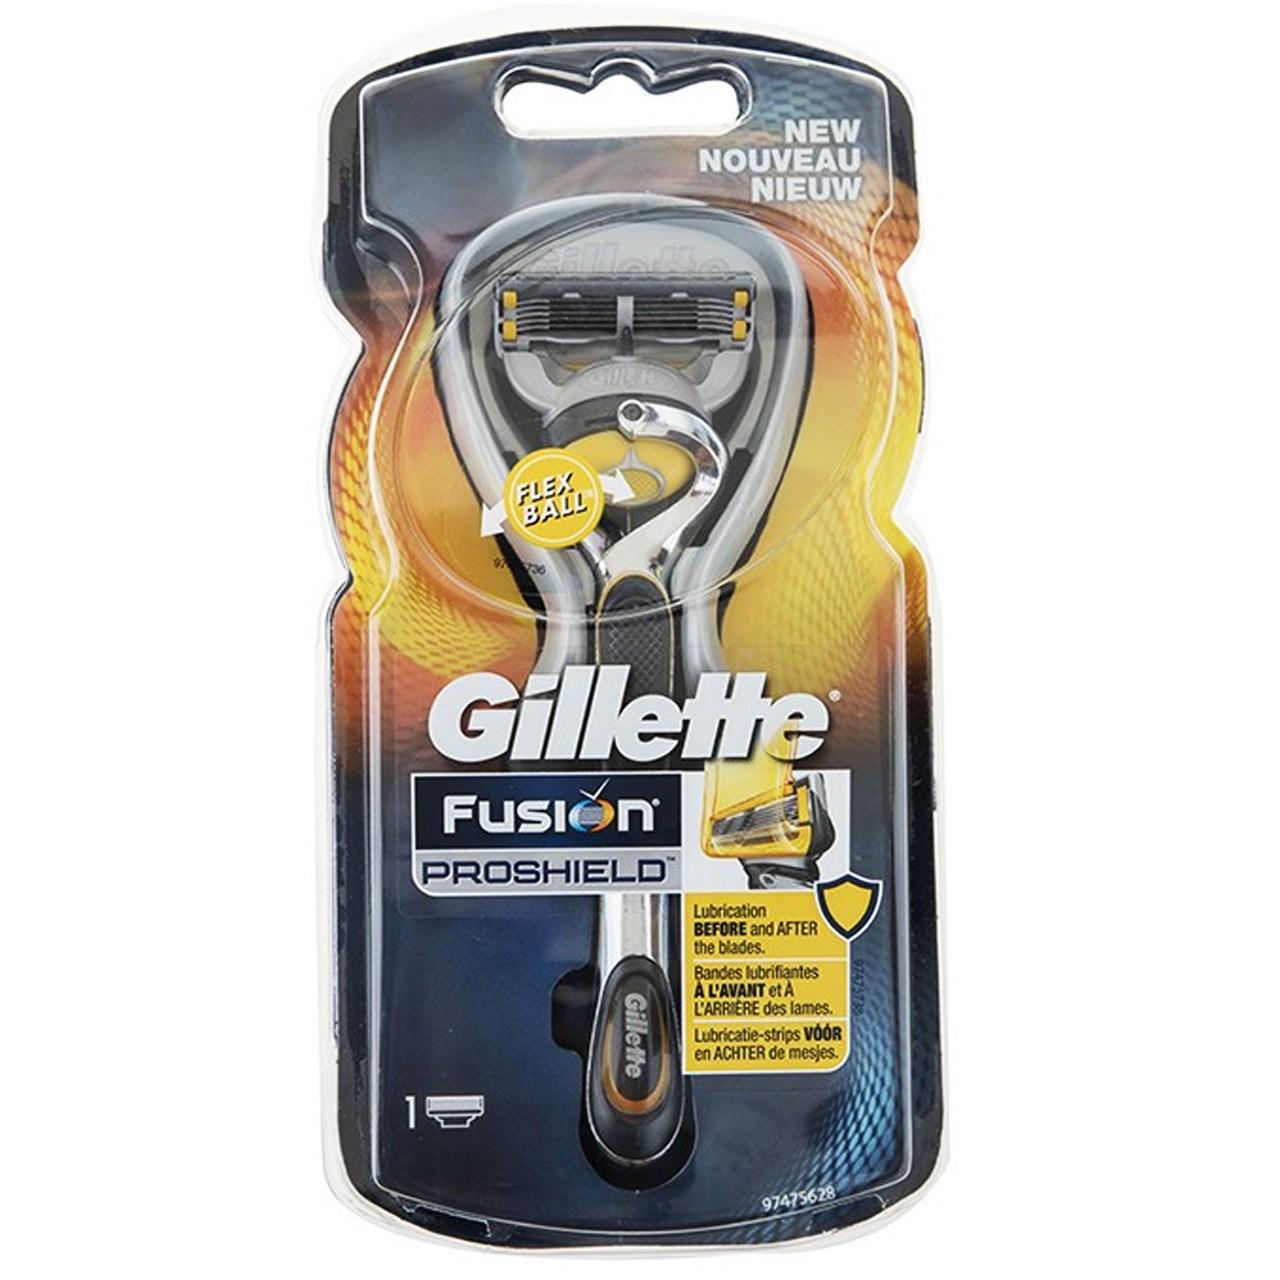 قیمت خود تراش ژیلت مدل Fusion Proshield